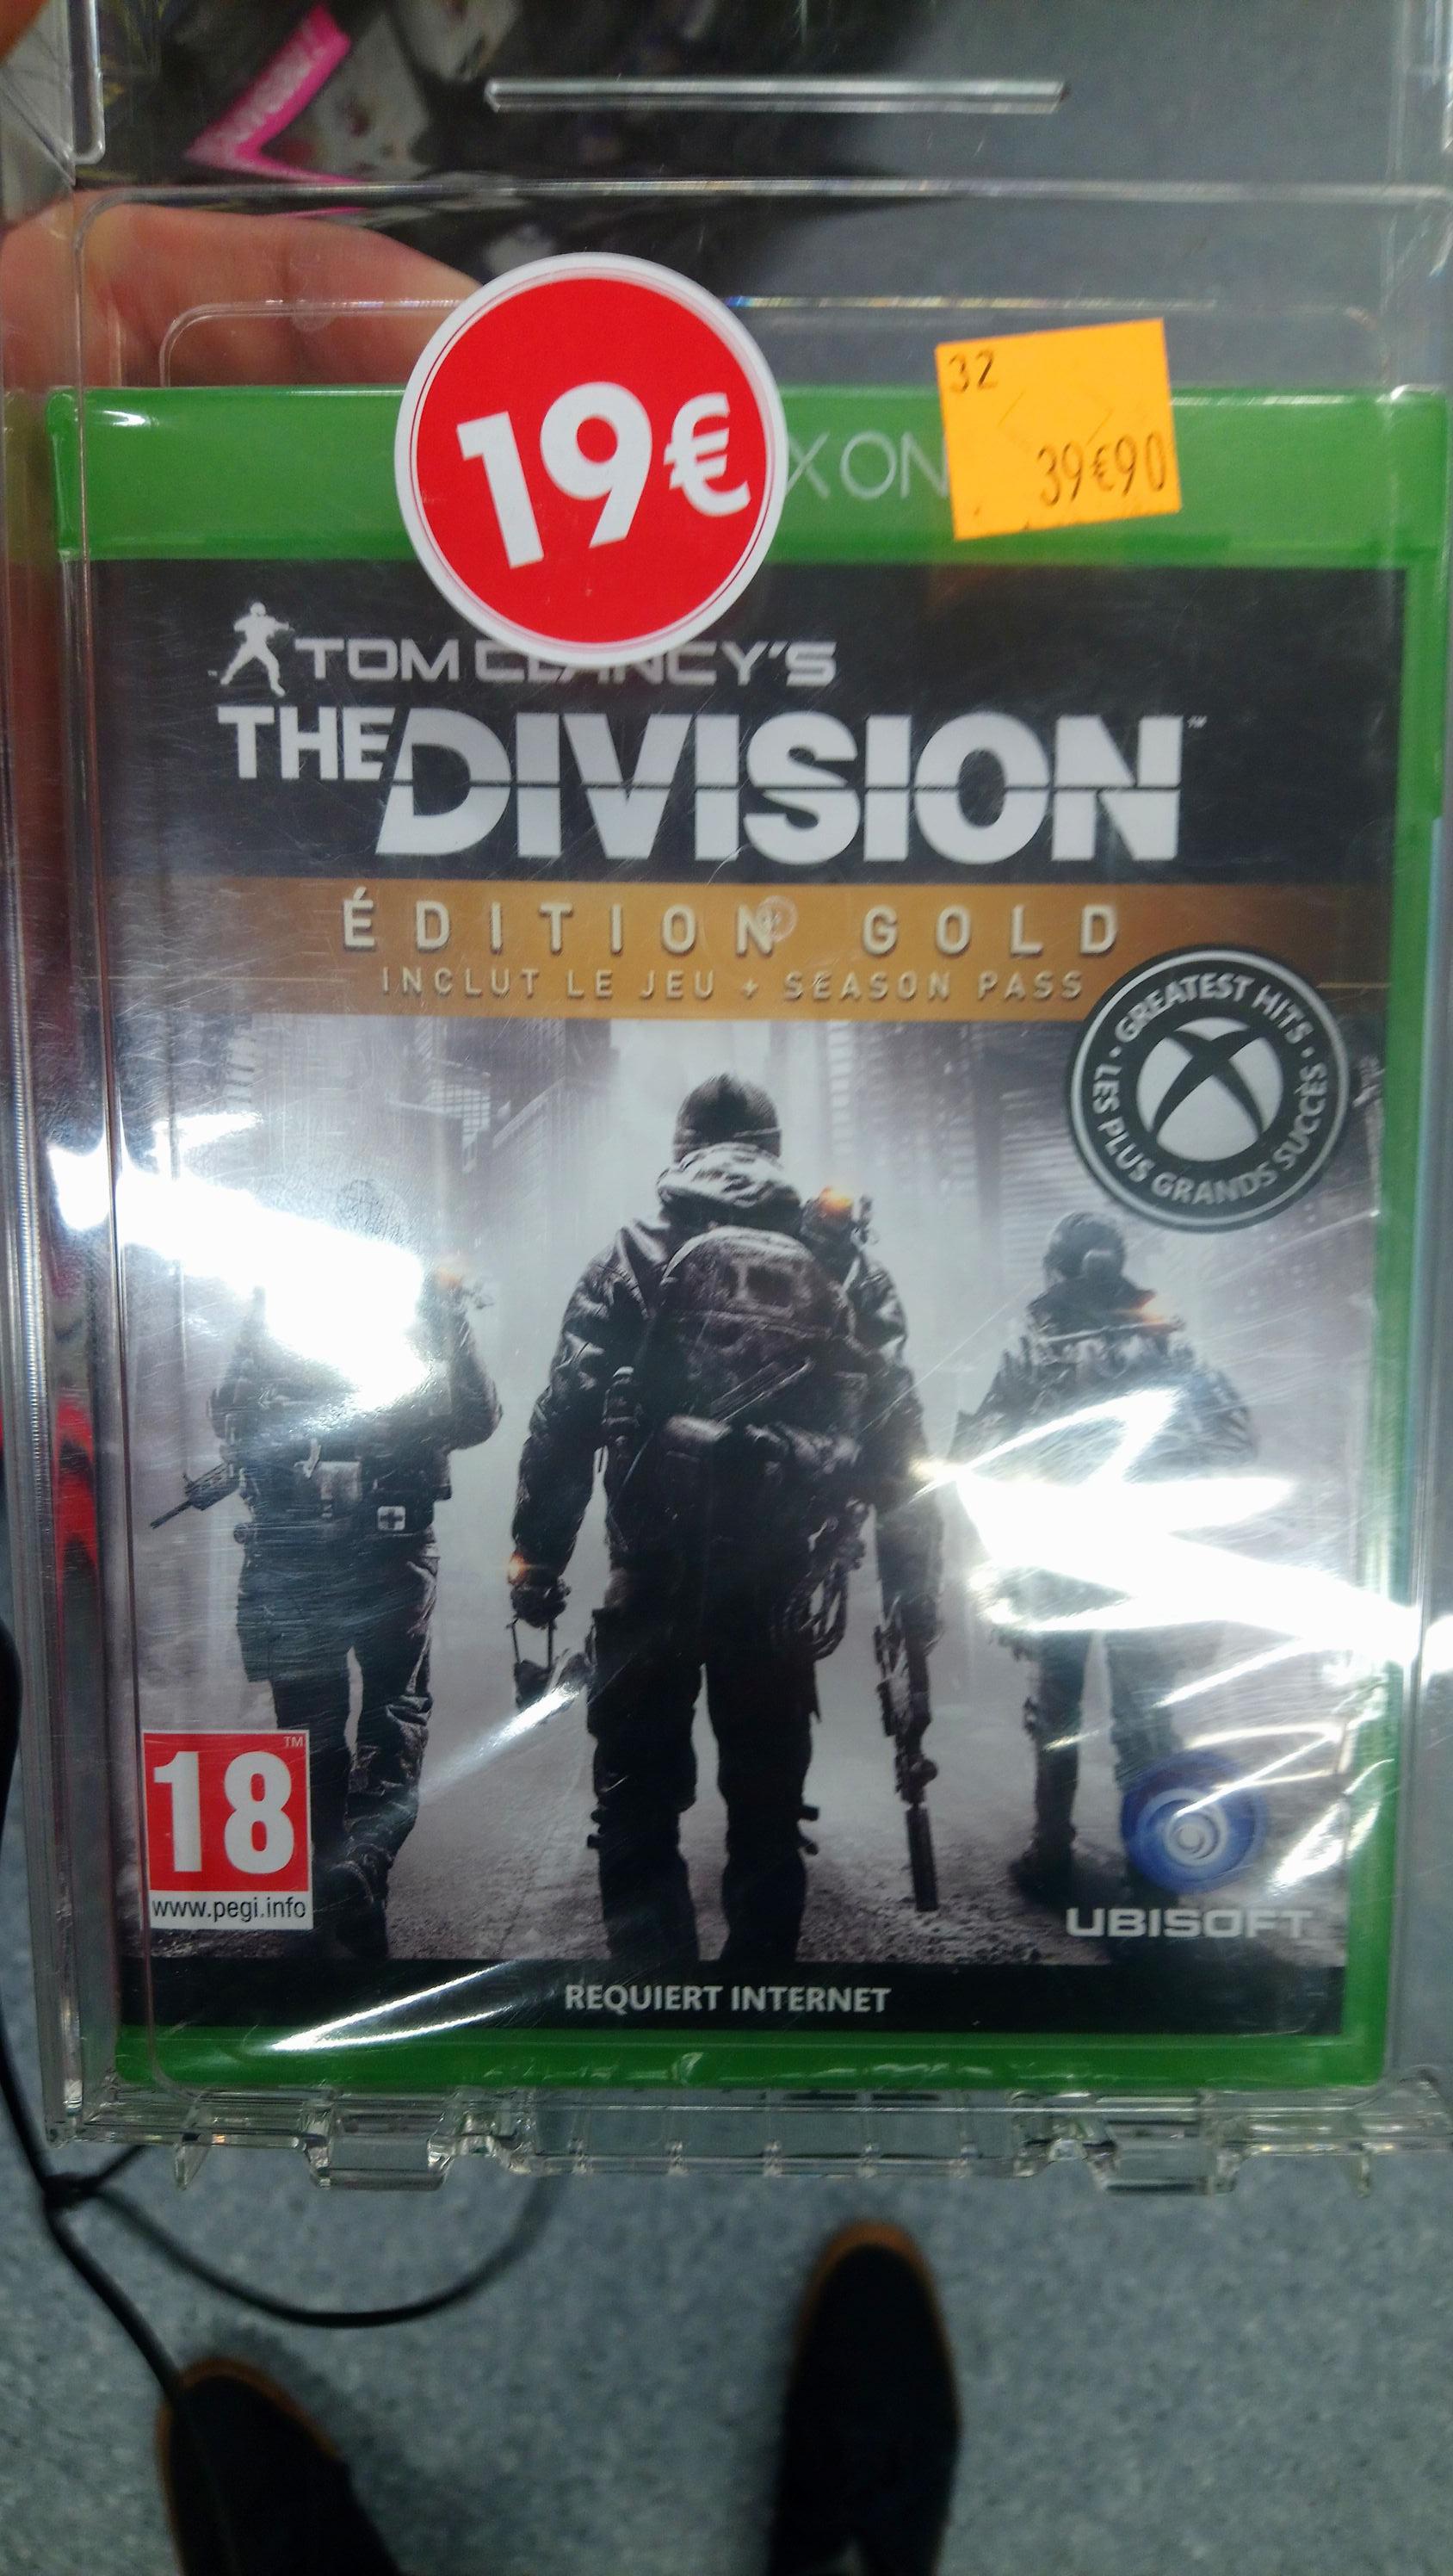 The Division GOTY sur Xbox One - Créteil (94)